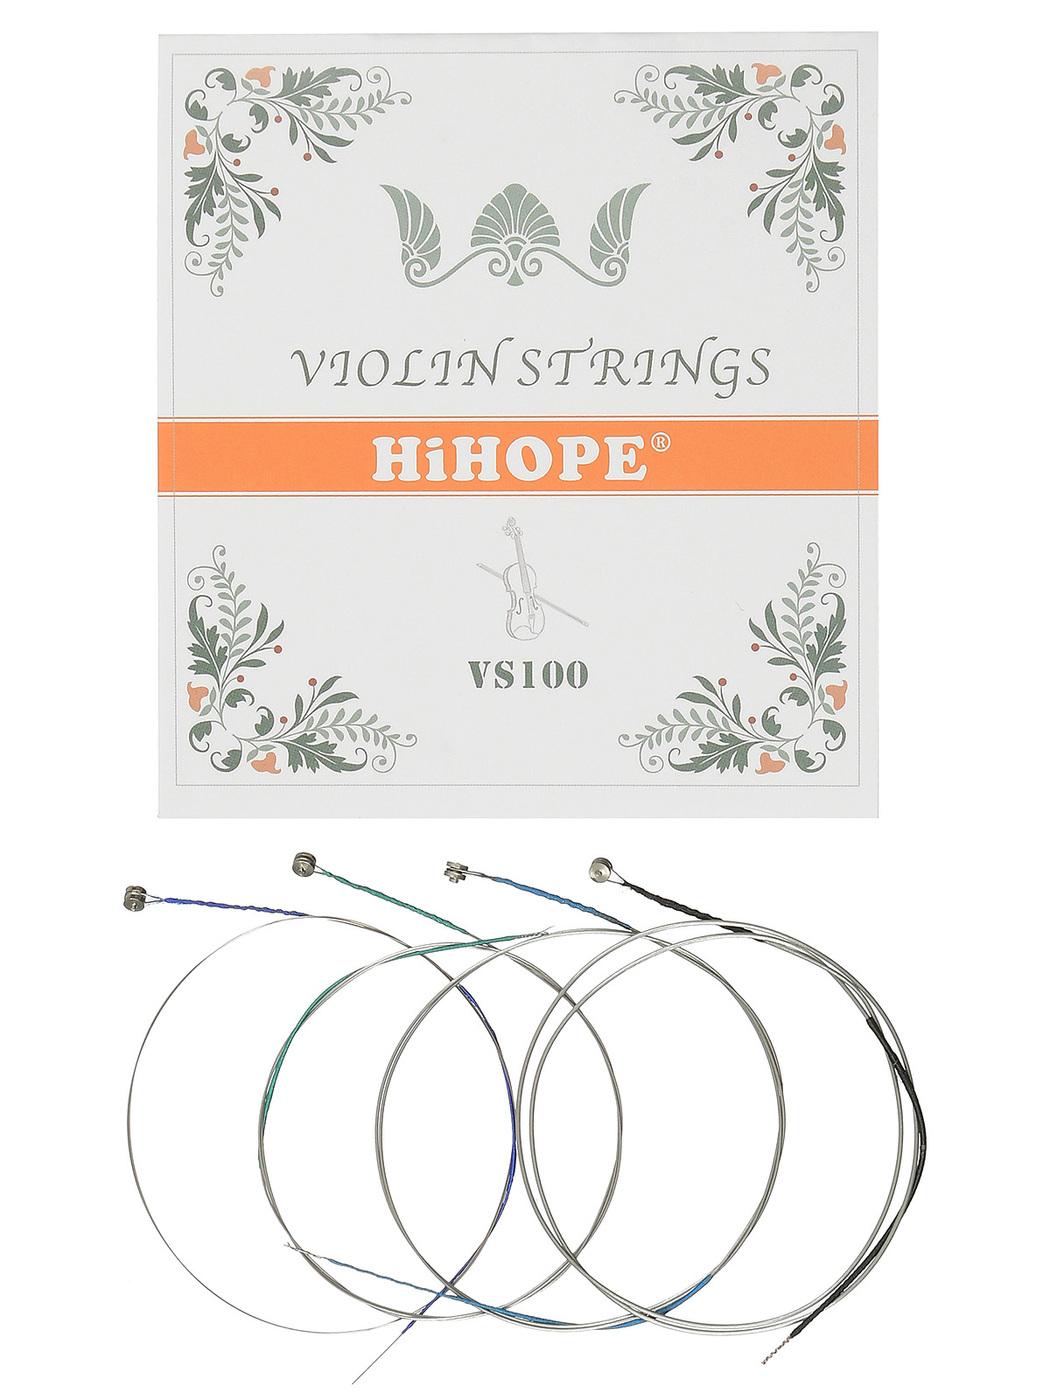 Струны для скрипки HIHOPE VS-100 размер 1/2